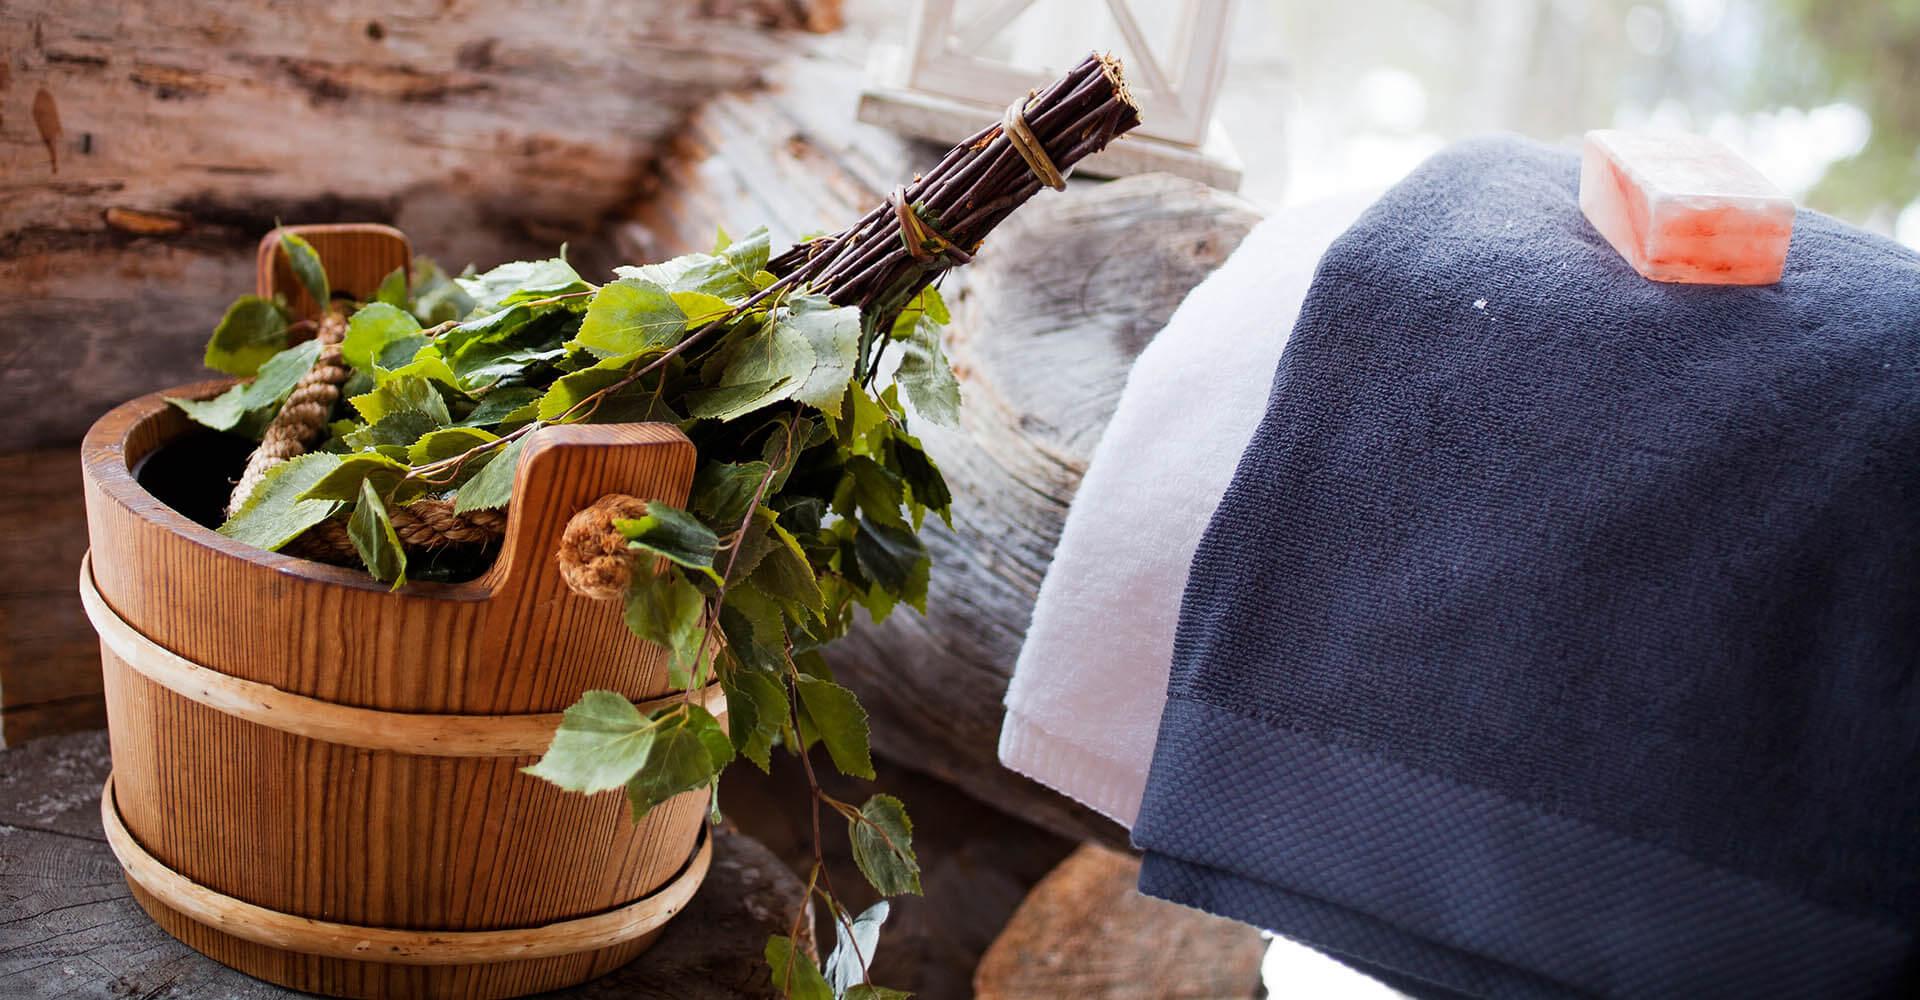 Saunazubehör wie Bottich, Kelle, Handtuch, Seife, Minzblätter